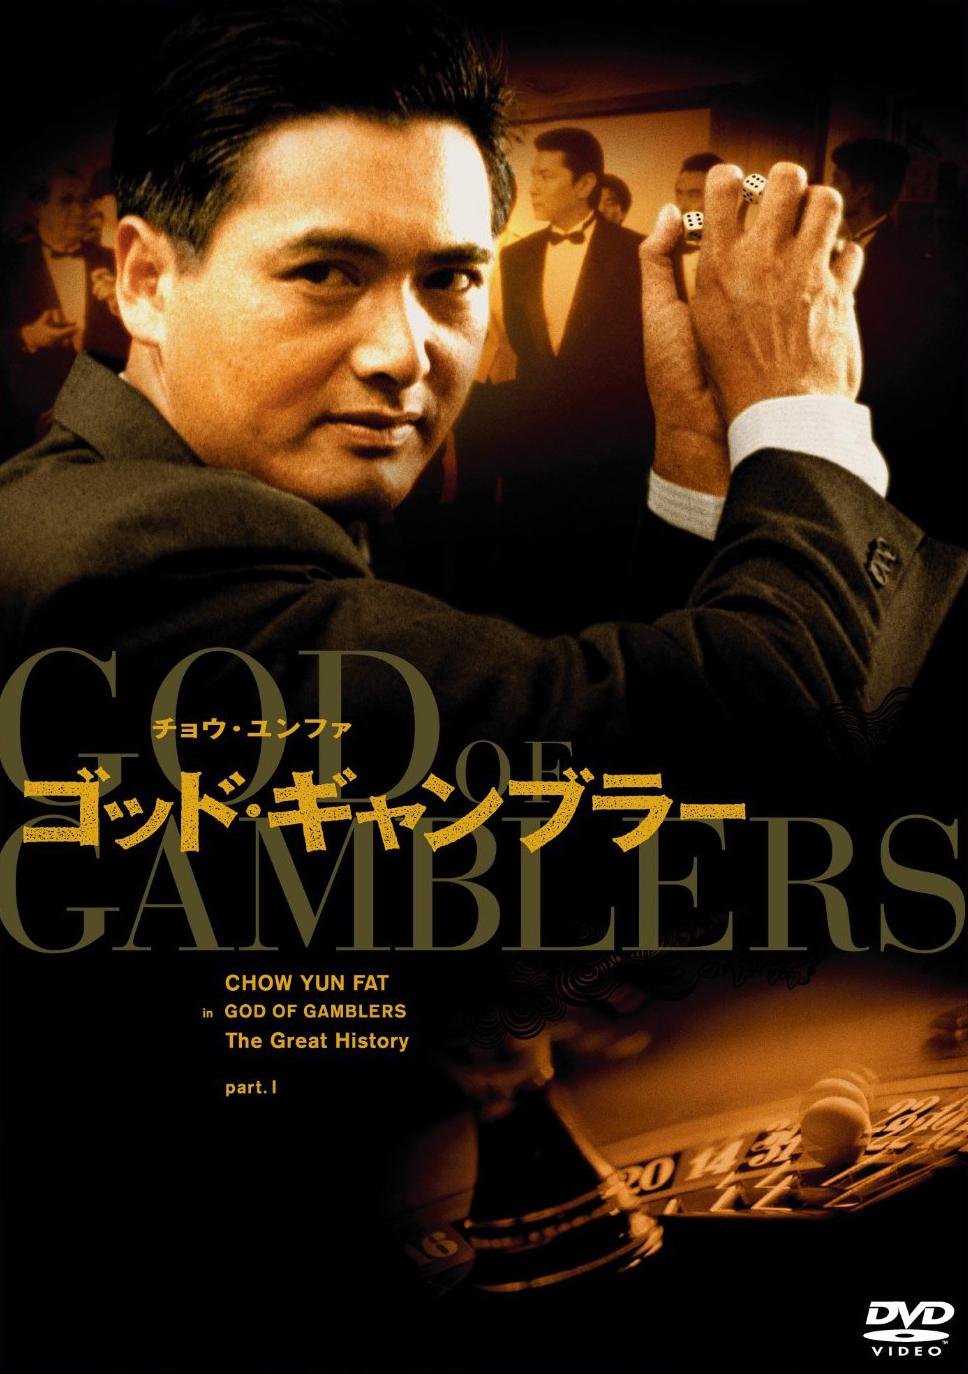 God of Gamblers (1989) Review | cityonfire.com